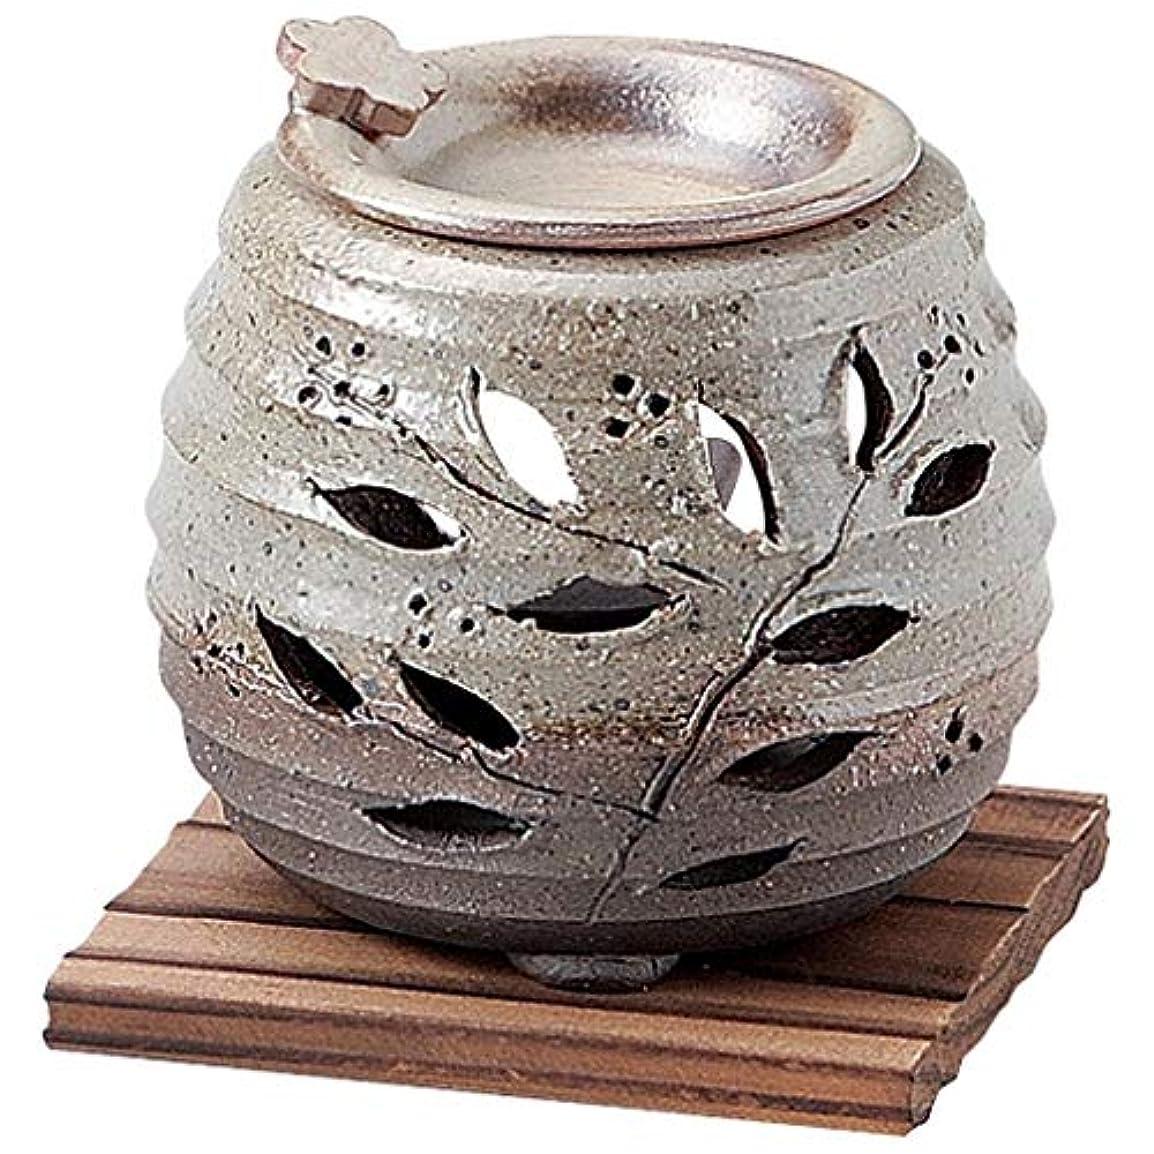 自伝司令官適応するお部屋の消臭に!■常滑焼【茶香炉】石龍作 緑灰釉花茶香炉(板付)